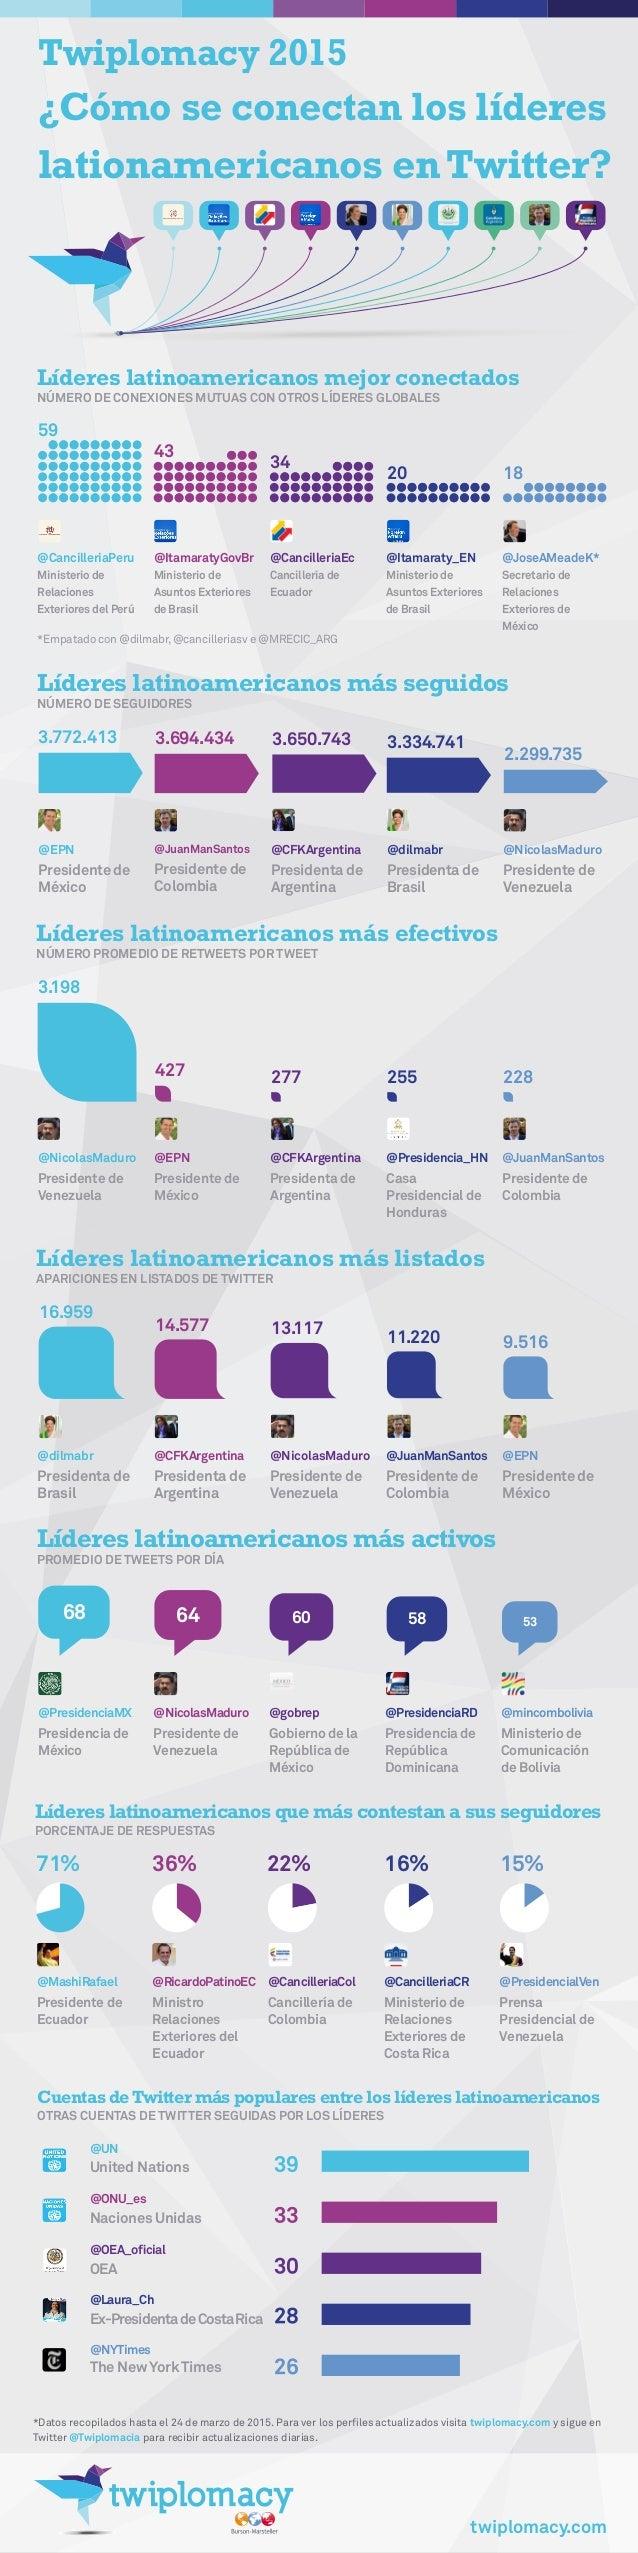 Twiplomacy 2015 ¿Cómo se conectan los líderes lationamericanos enTwitter? *Datos recopilados hasta el 24 de marzo de 2015....